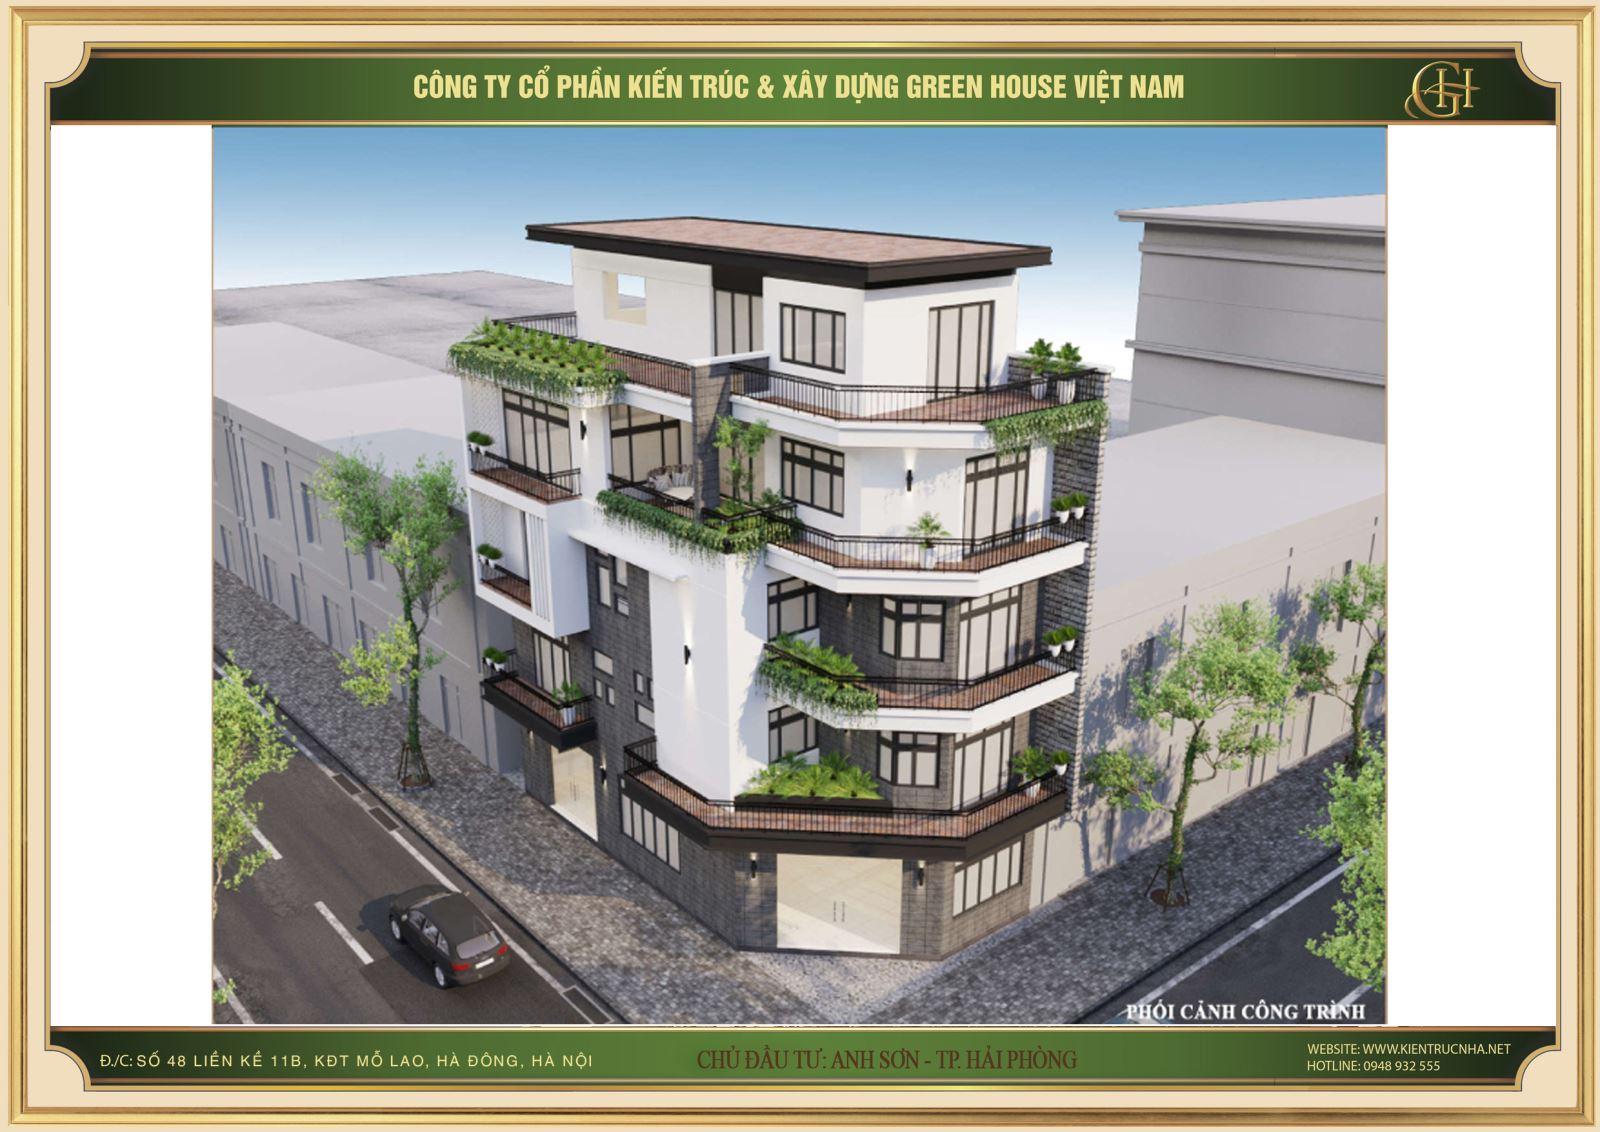 Thiết kế nhà phố của anh Sơn sử dụng khối kiến trúc hiện đại với nhiều khoảng không gian mở